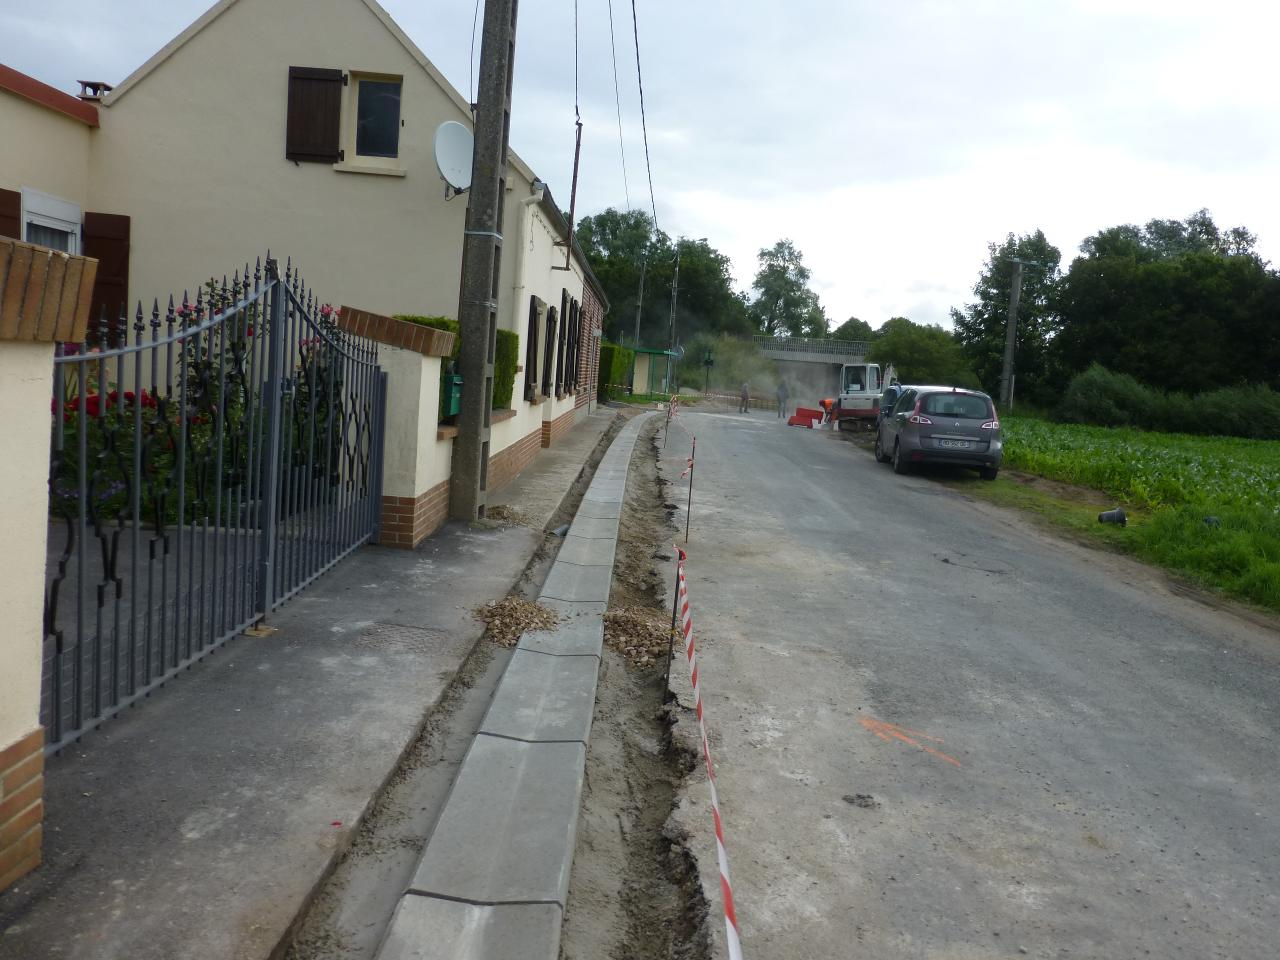 Rue de vincq phase 2 (6)